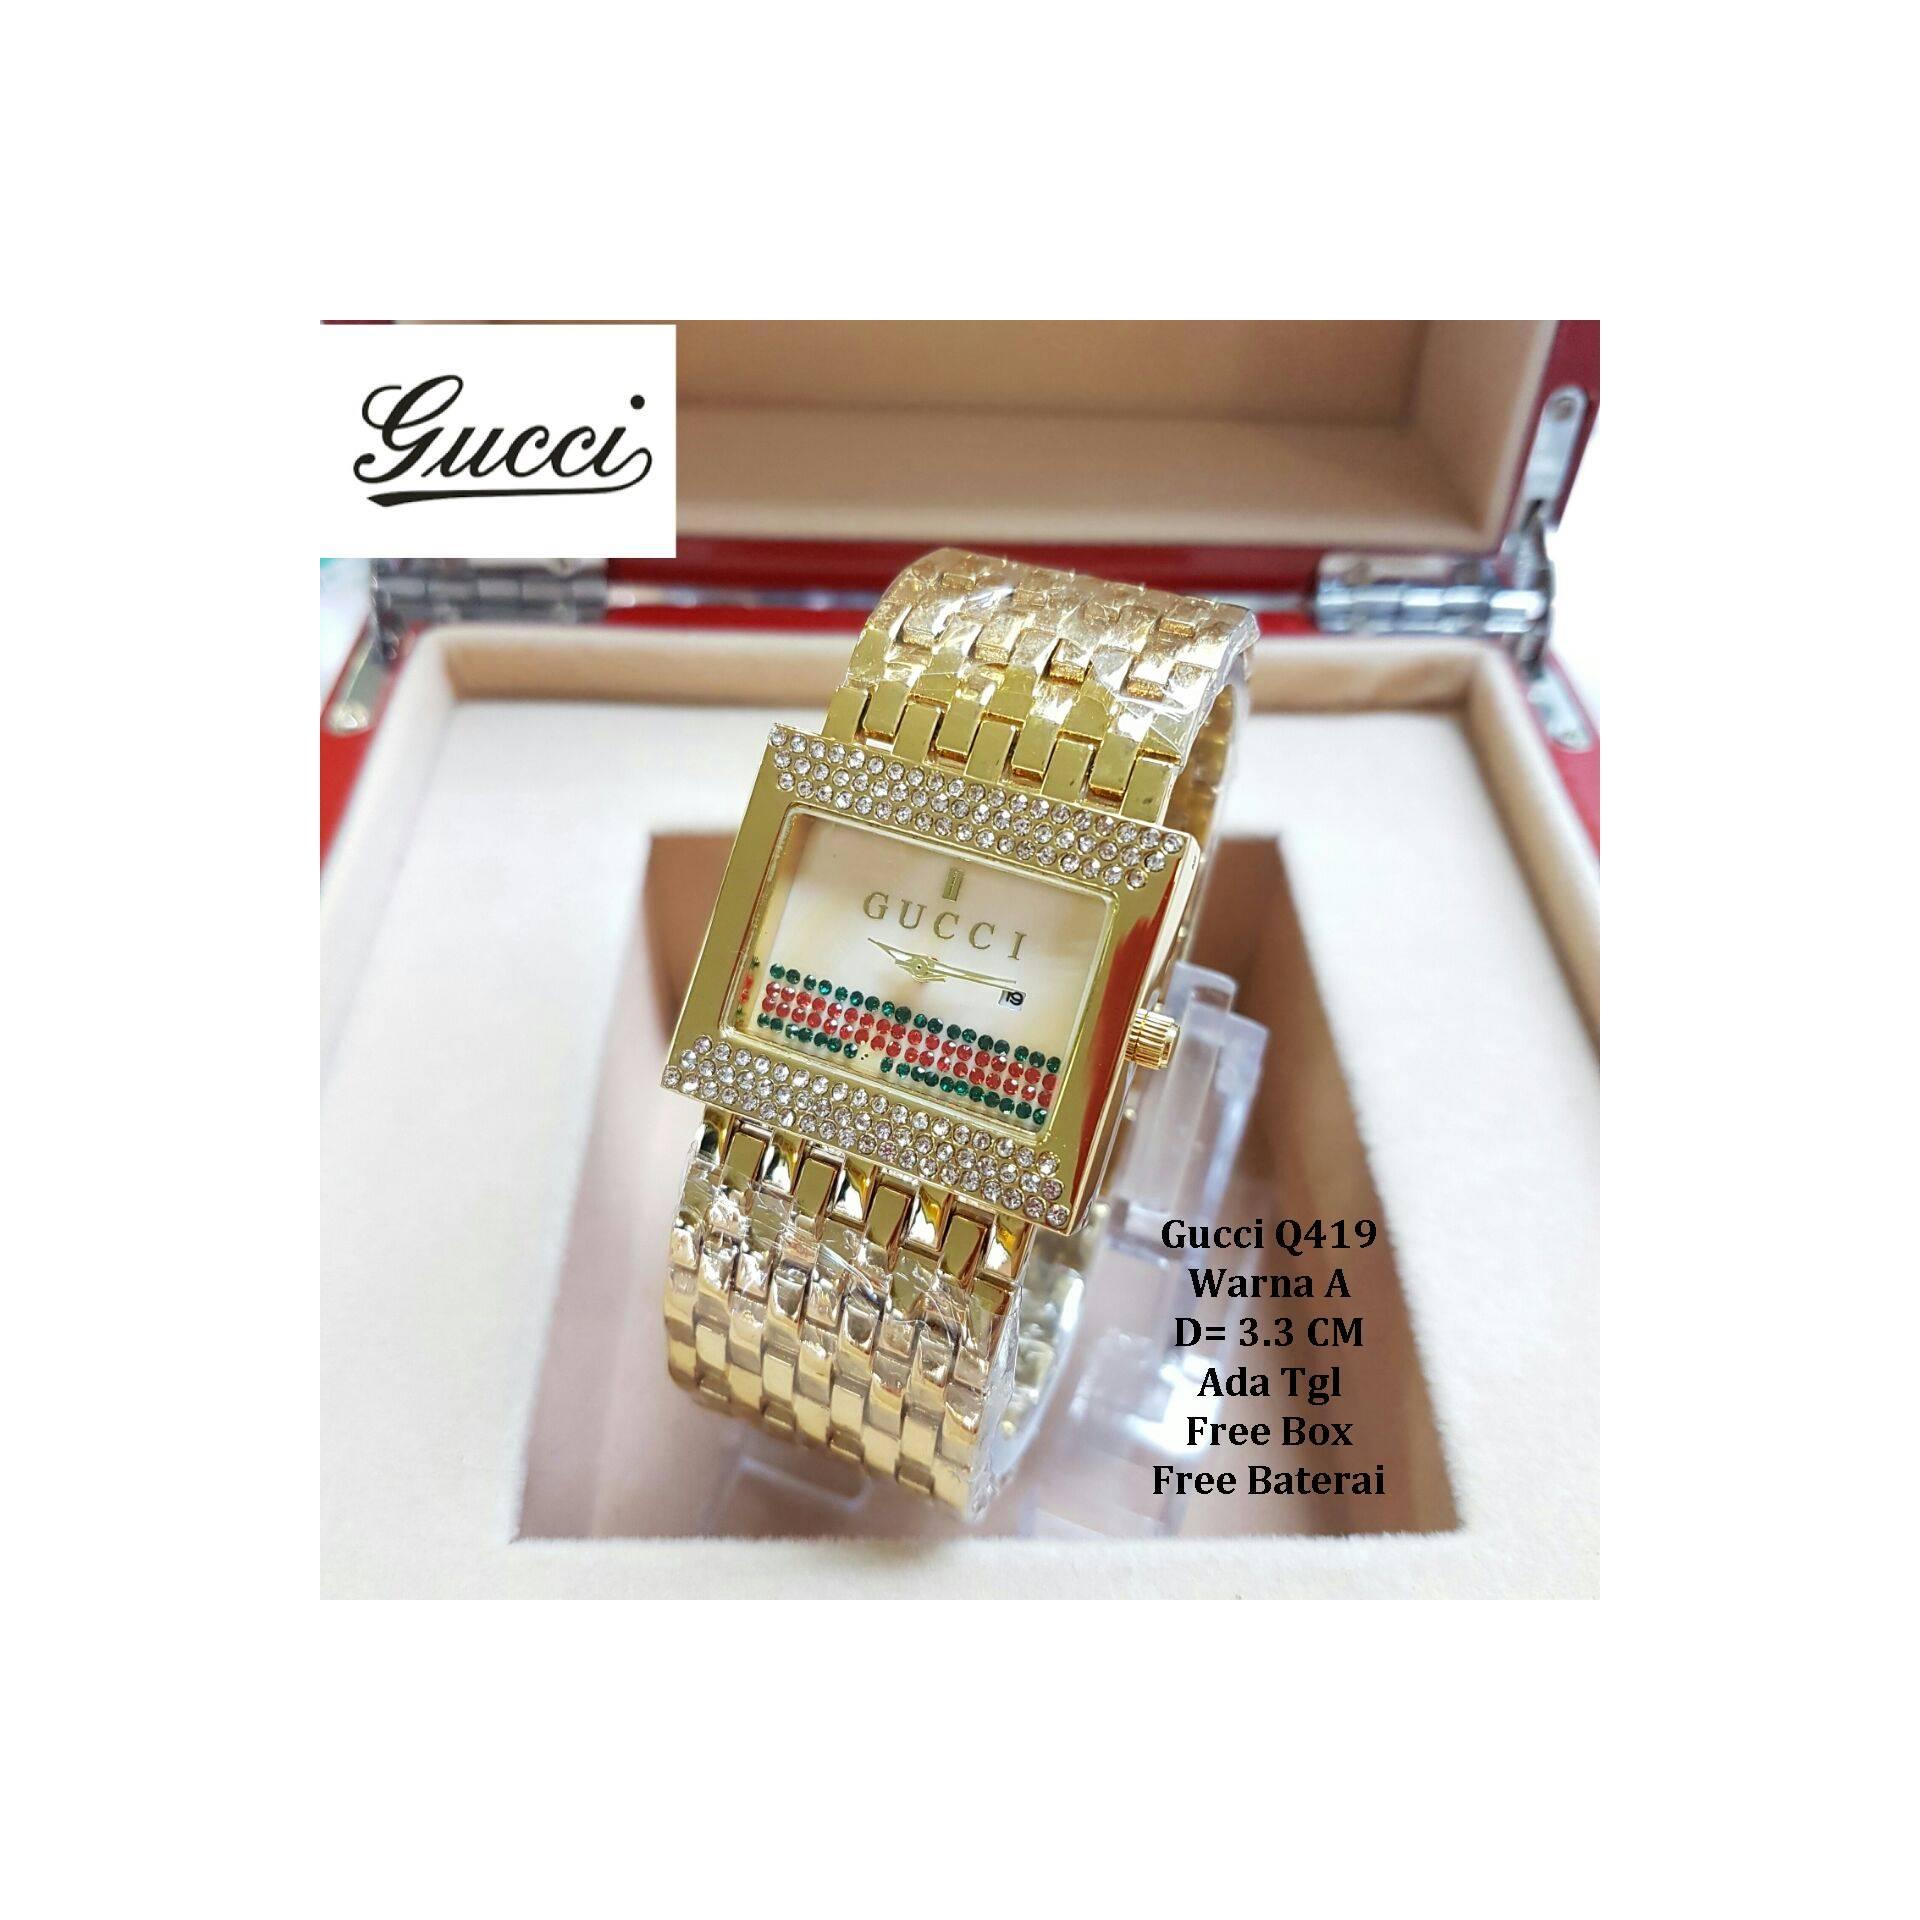 Jam Tangan Wanita / Jam Tangan Murah Gucci Delica Full Gold + Box